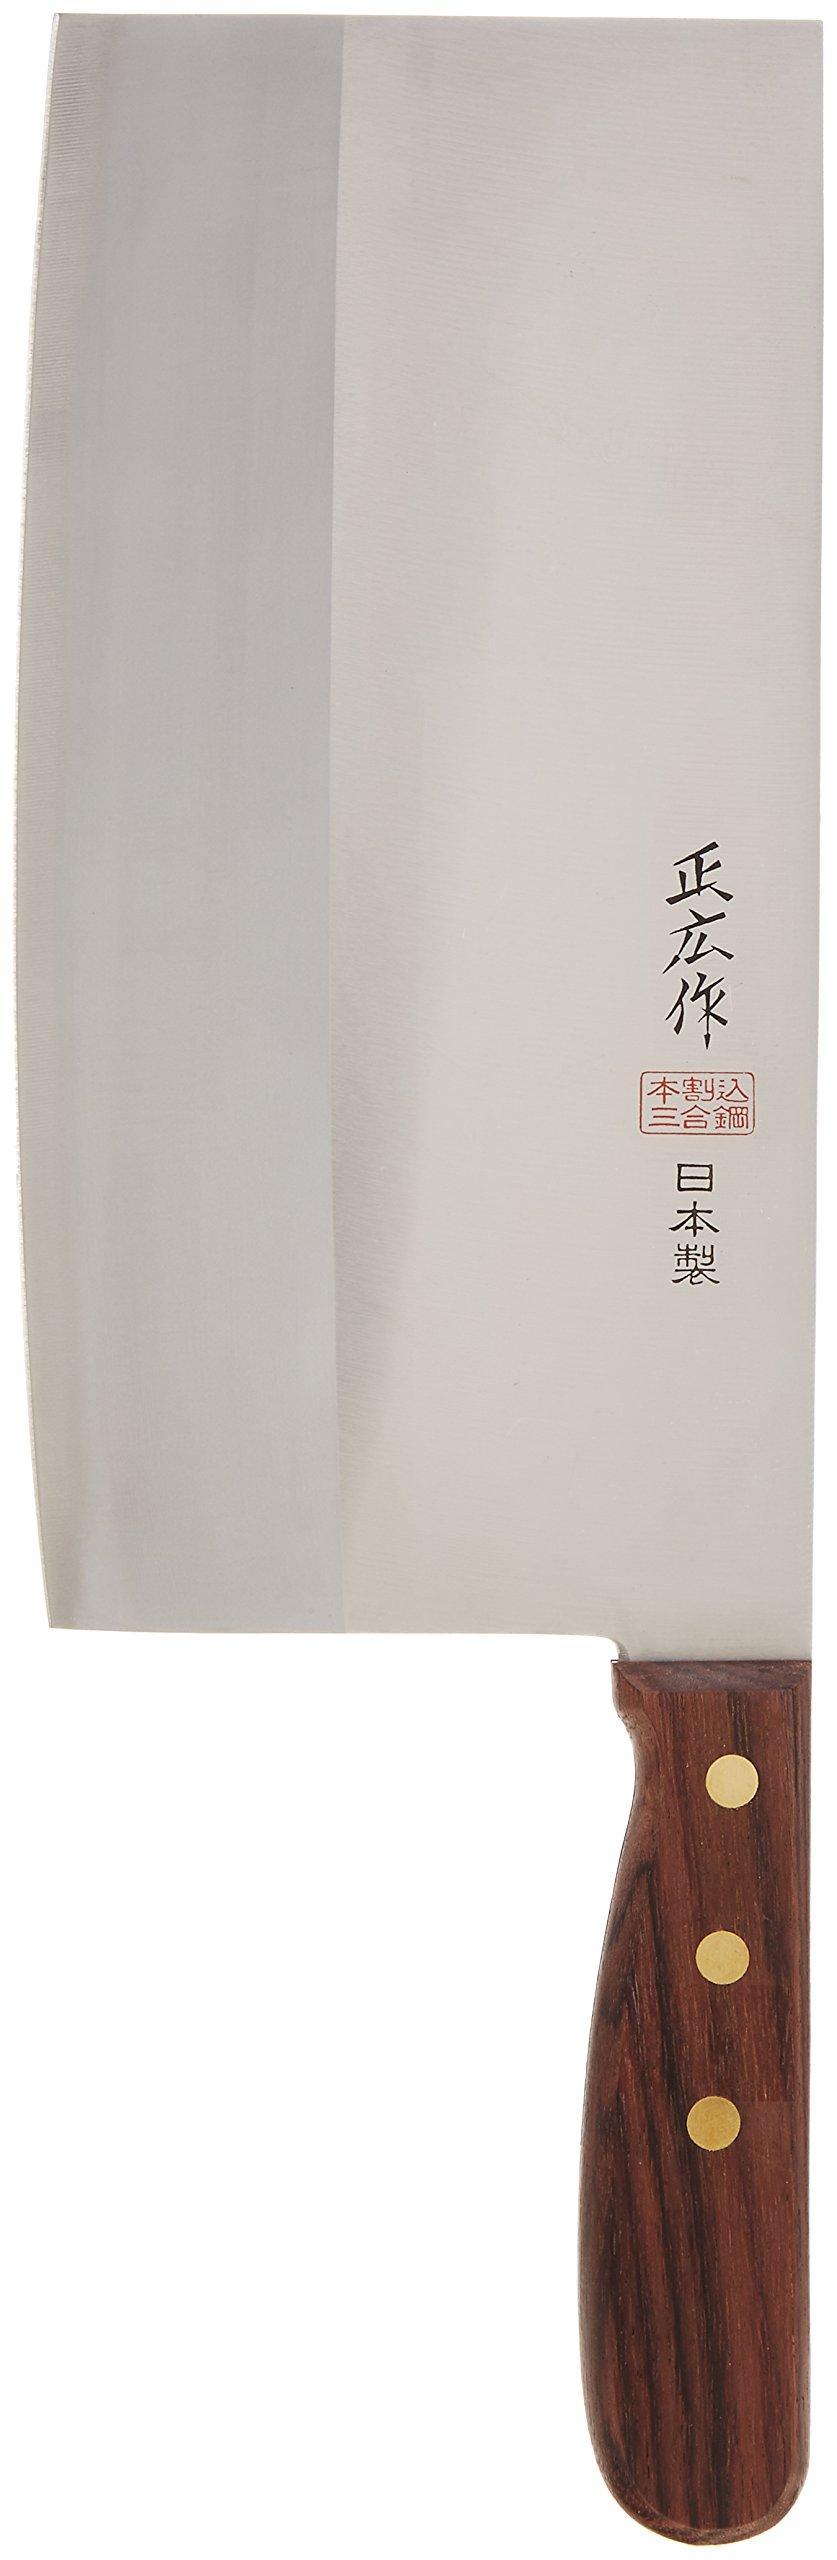 Japanese Masahiro's Stainless-steel Chinese Kitchen Chef's Knife Tx-204 by Masahiro's